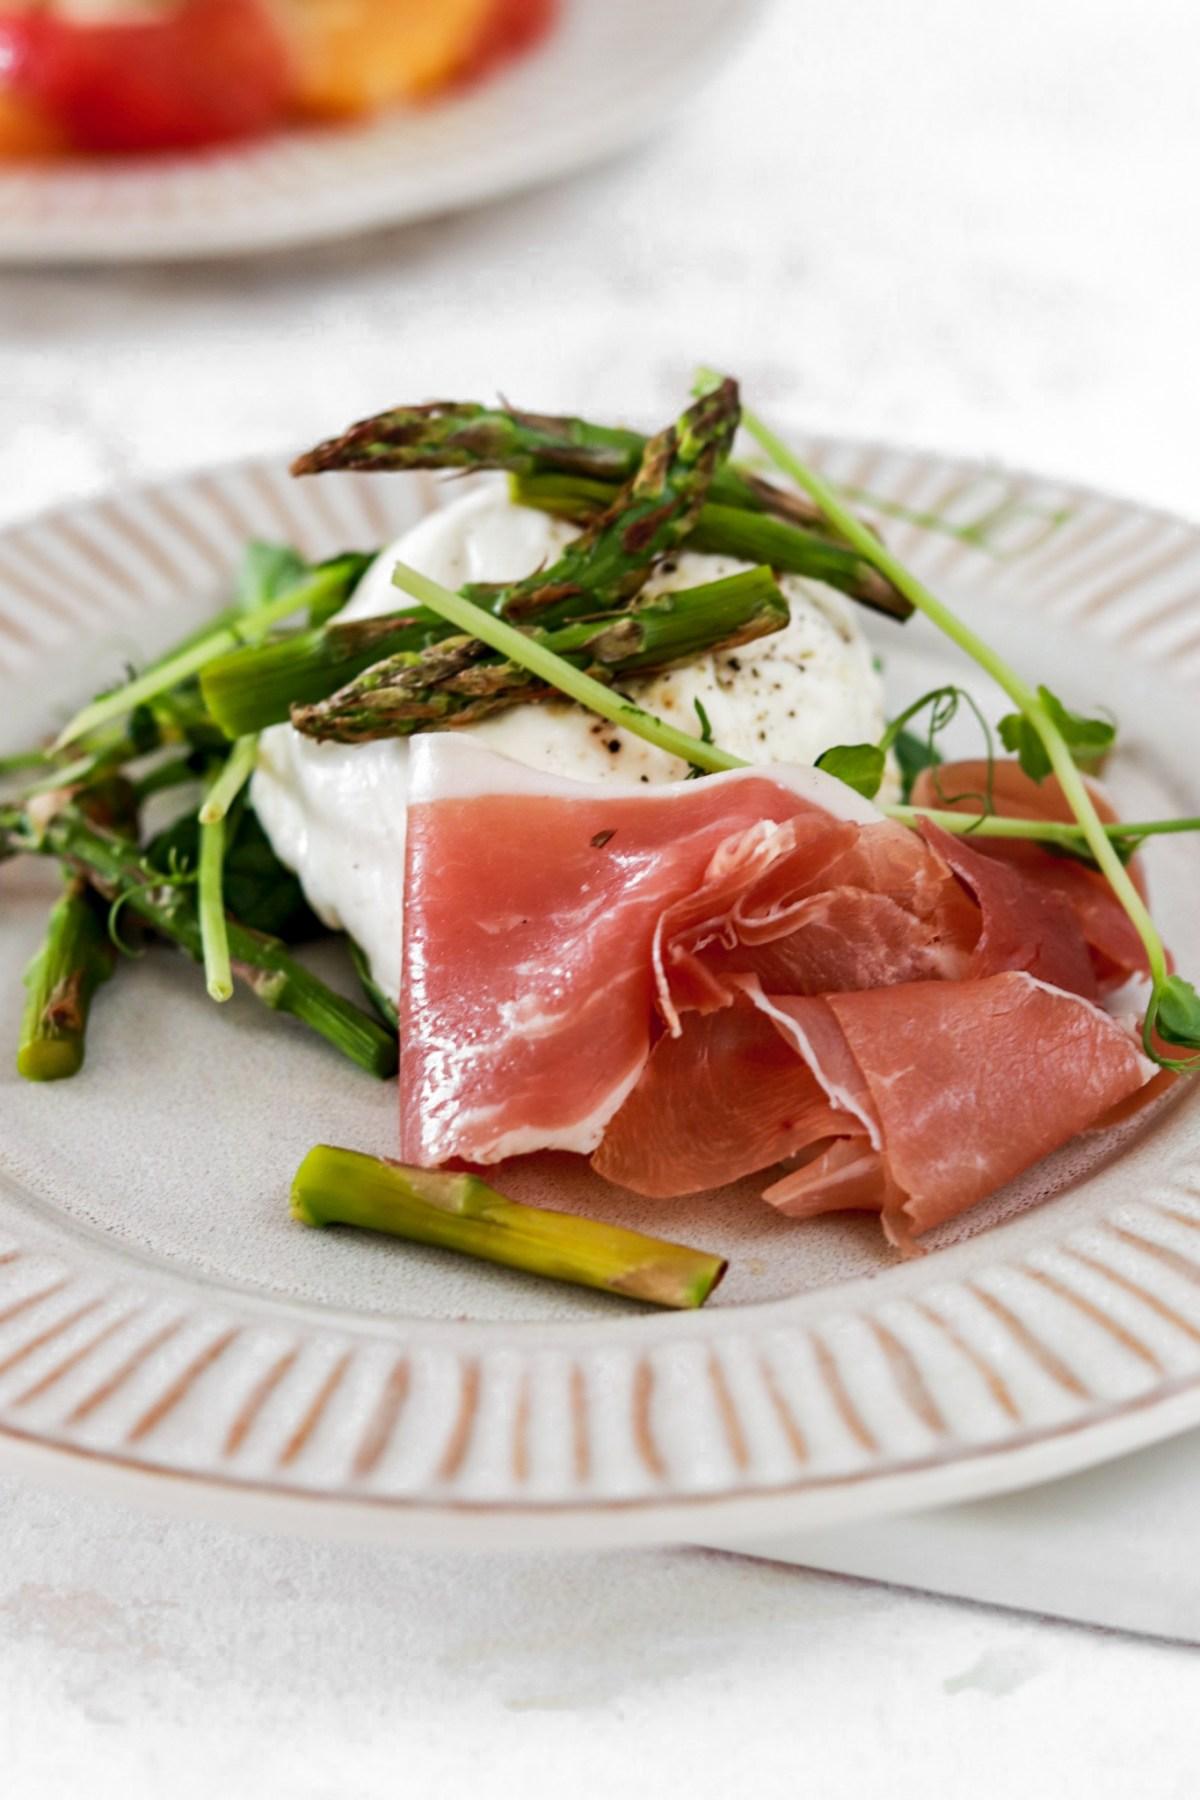 Asparagus, Prosciutto & Mozzarella (Gluten, Grain Free & Low Carb) Close Up